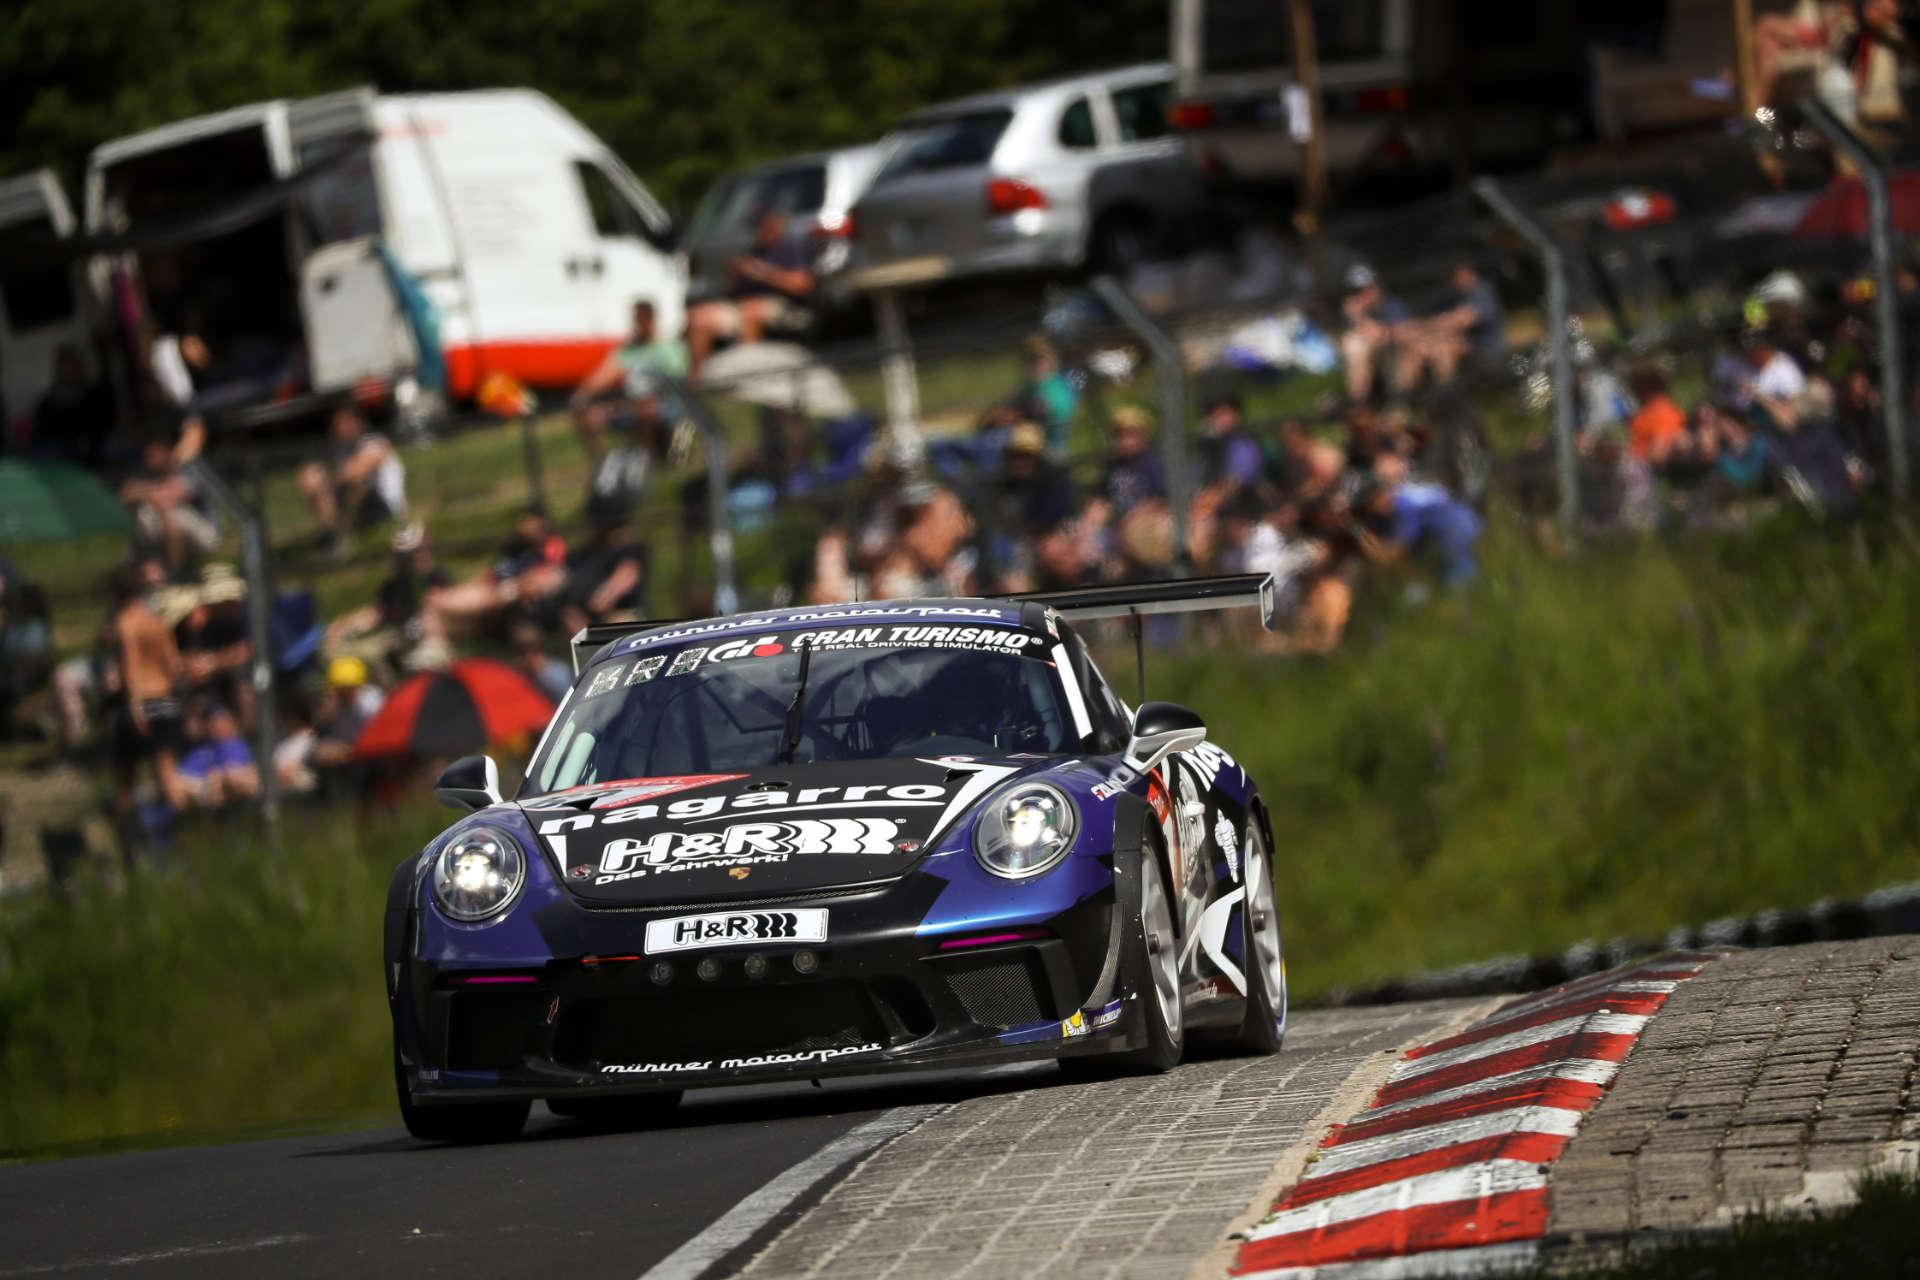 Klasse SP7, Porsche 911 GT3 Cup, Mühlner Motorsport